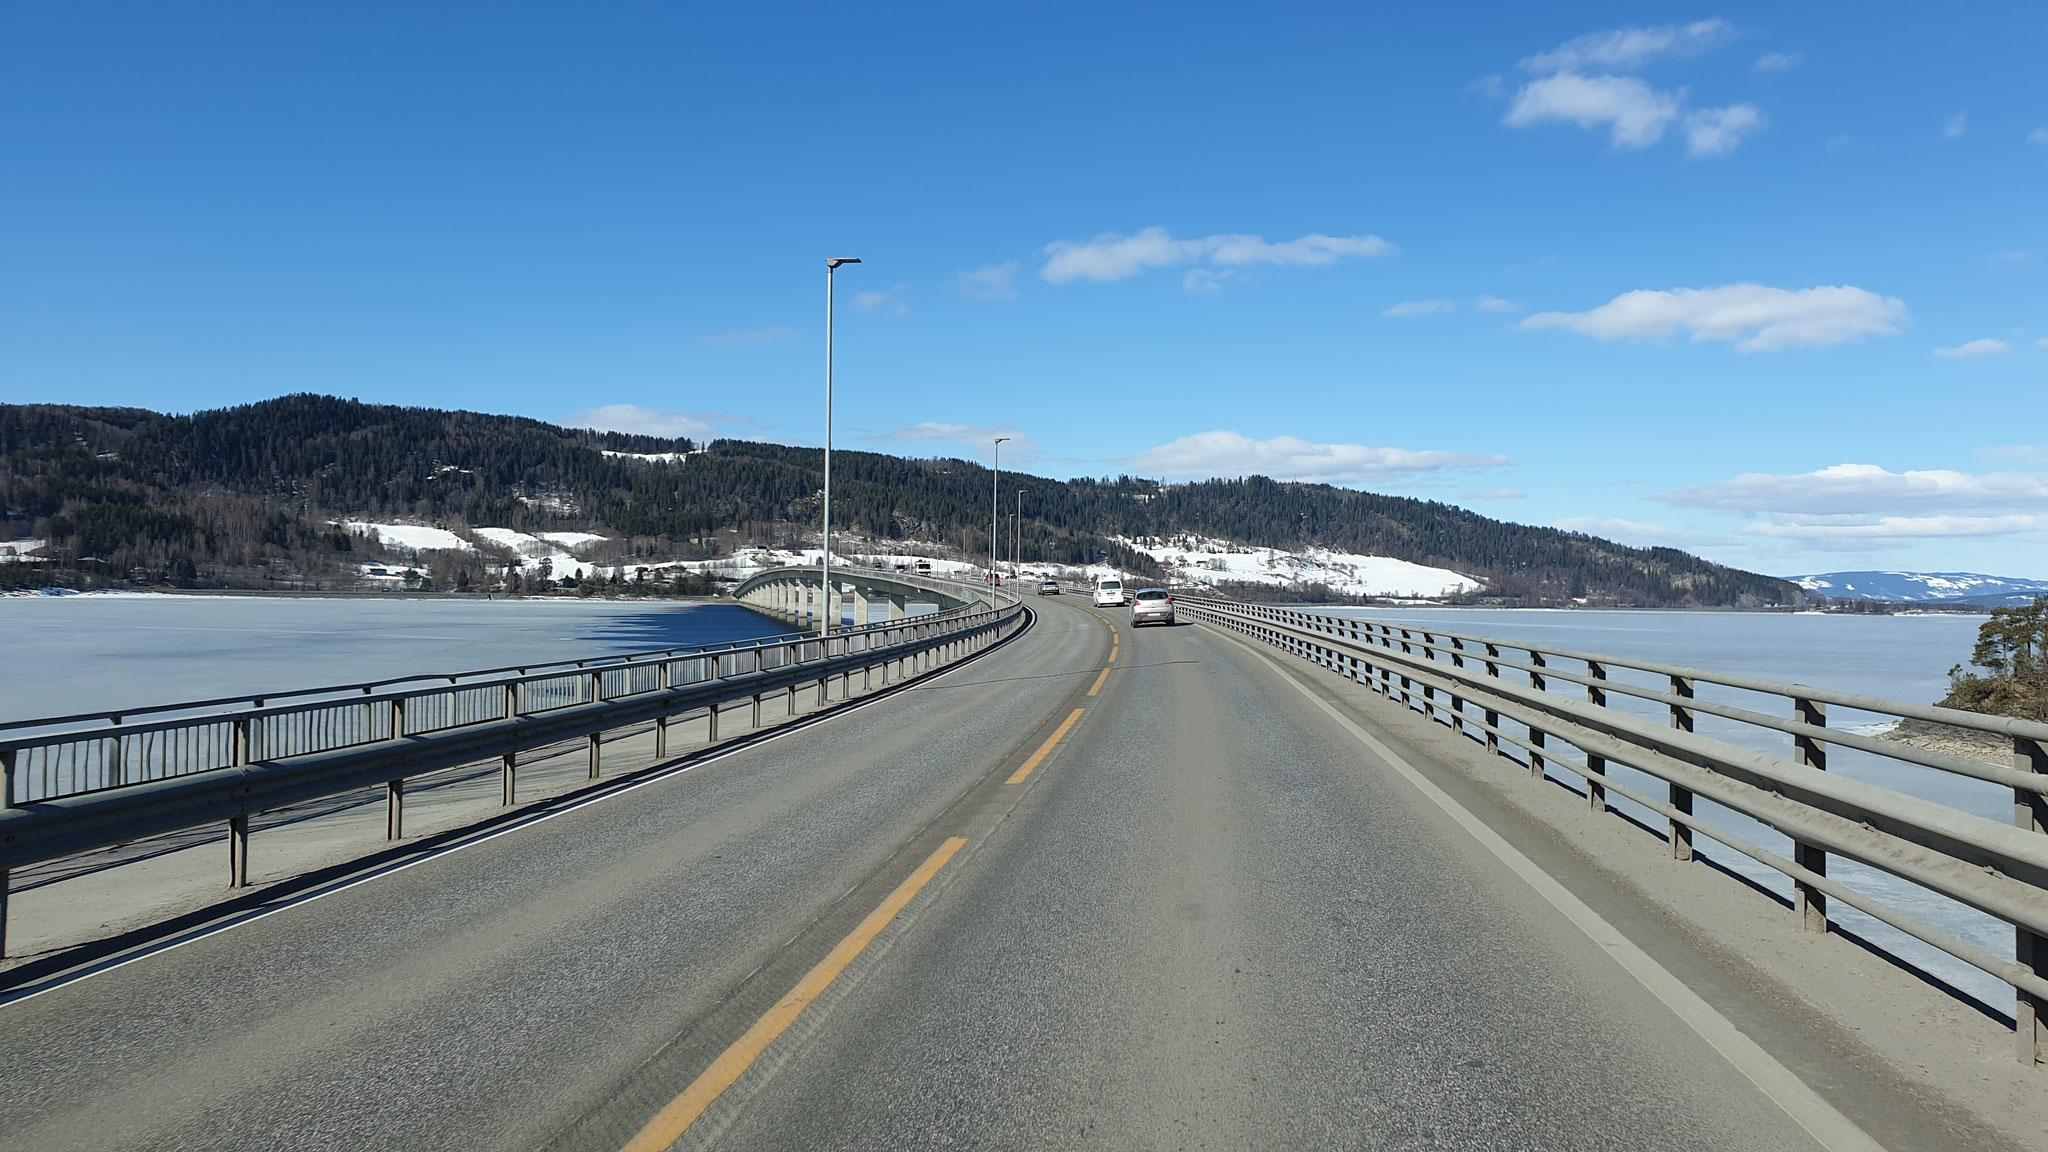 Nach Ringsaker geht es über die Brücke